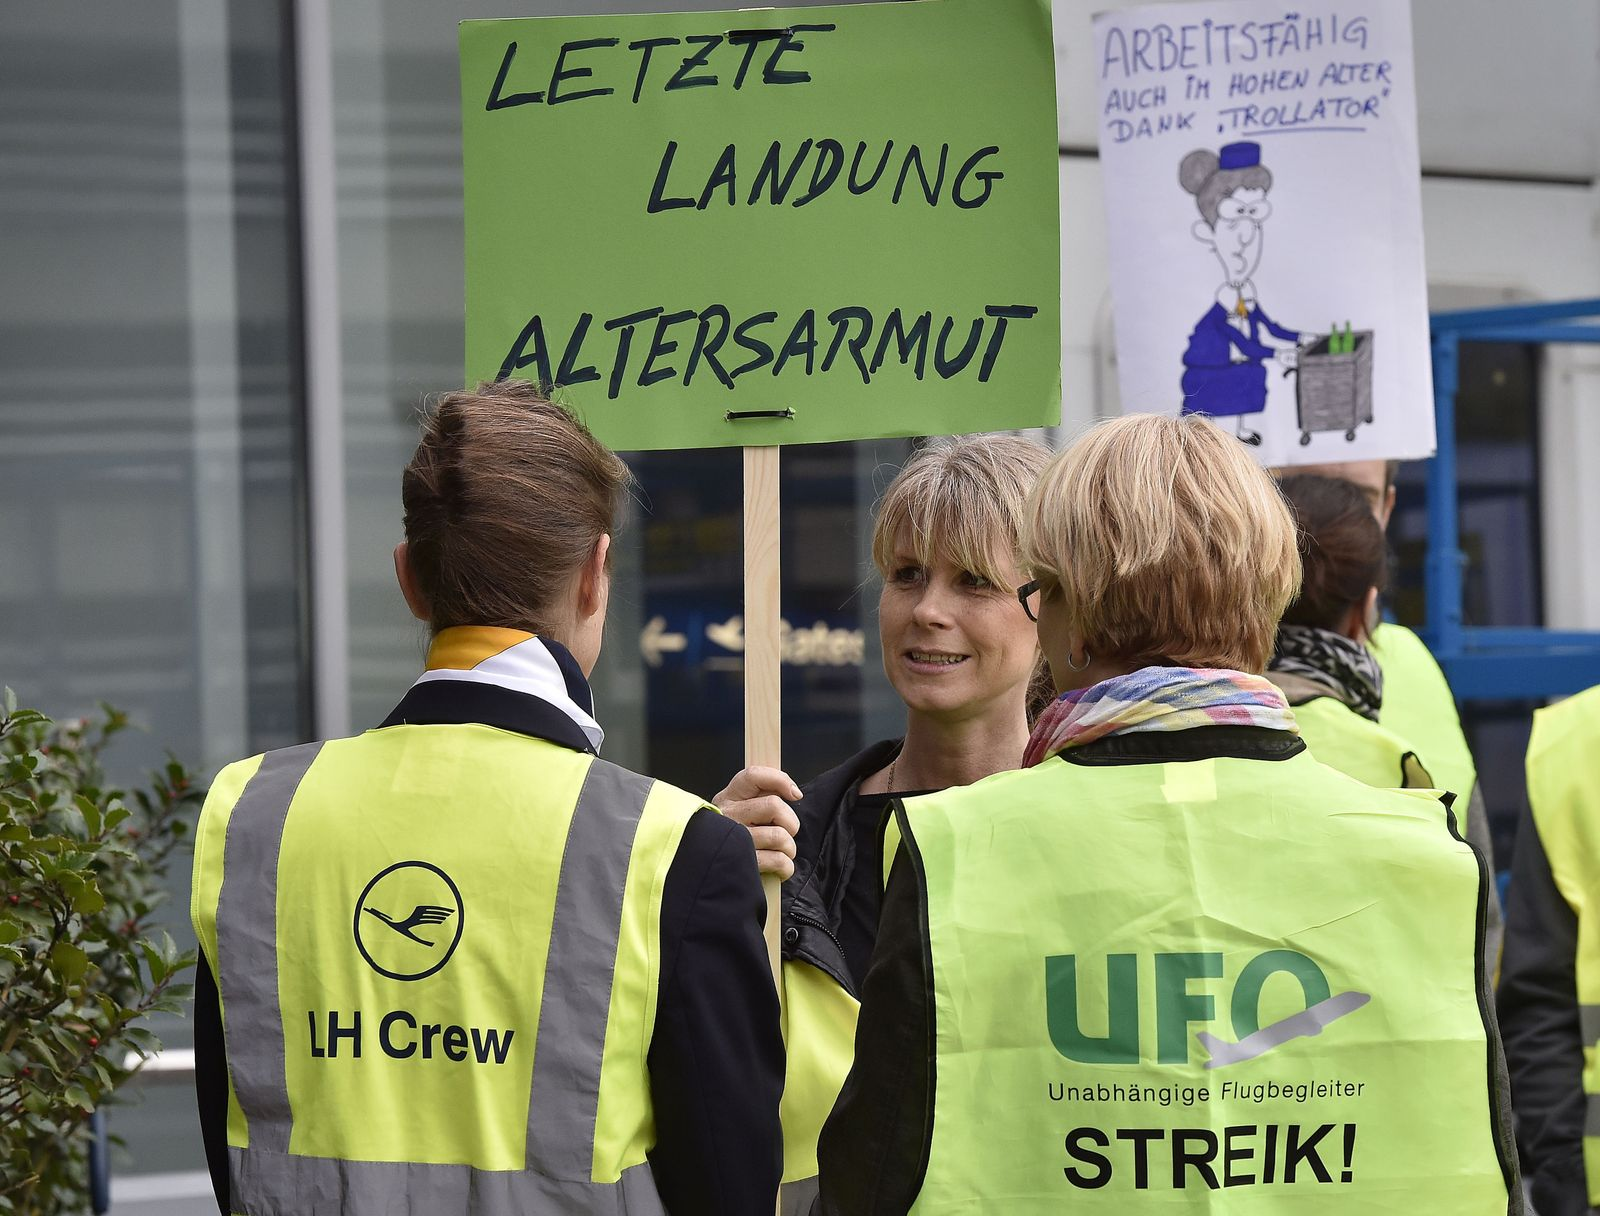 Lufthansa Streik gewerkschaft ufo